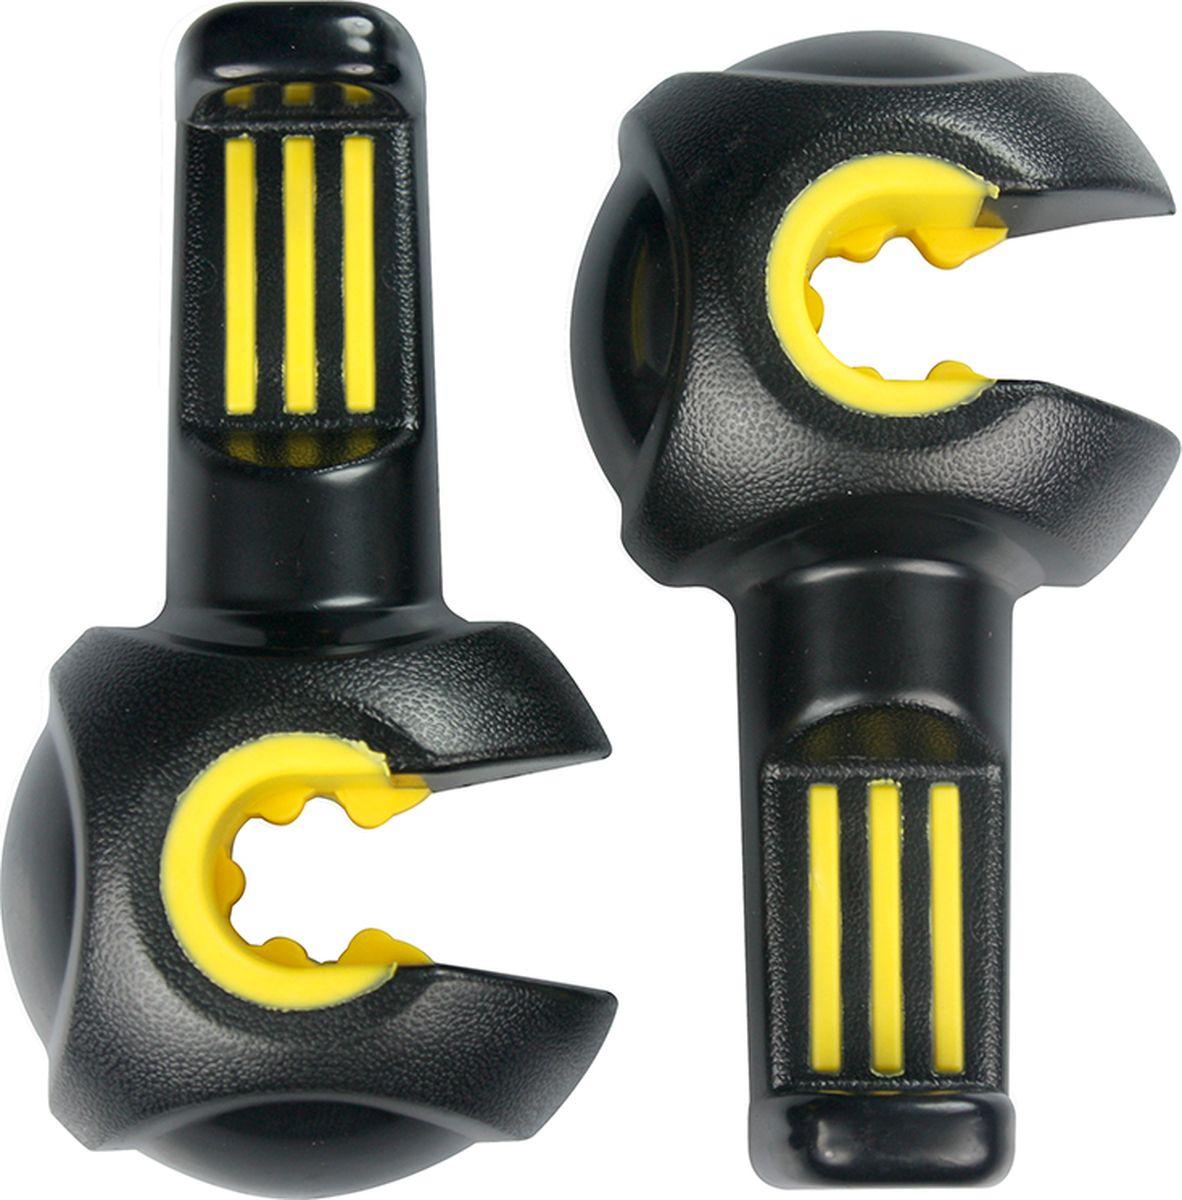 Крючок-вешалка в автомобиль Partner, 2 штПР038195Автомобильный крючок-вешалка Partner выполнен из прочного пластика. В комплекте 2 крючка.Подходит для автомобиля любой марки и выдерживает вес до пяти килограмм. Крючок-вешалка крепится к металлическим опорам подголовников передних сидений.